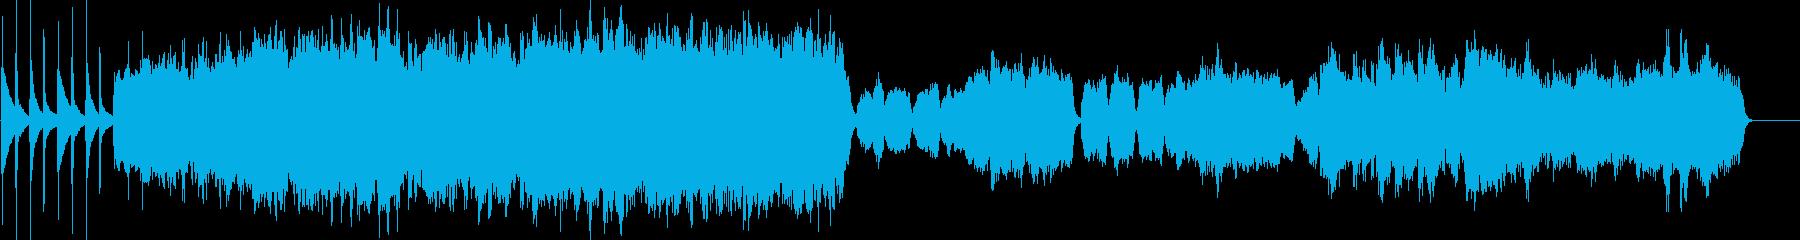 バロック風の厳かなクリスマスの曲の再生済みの波形